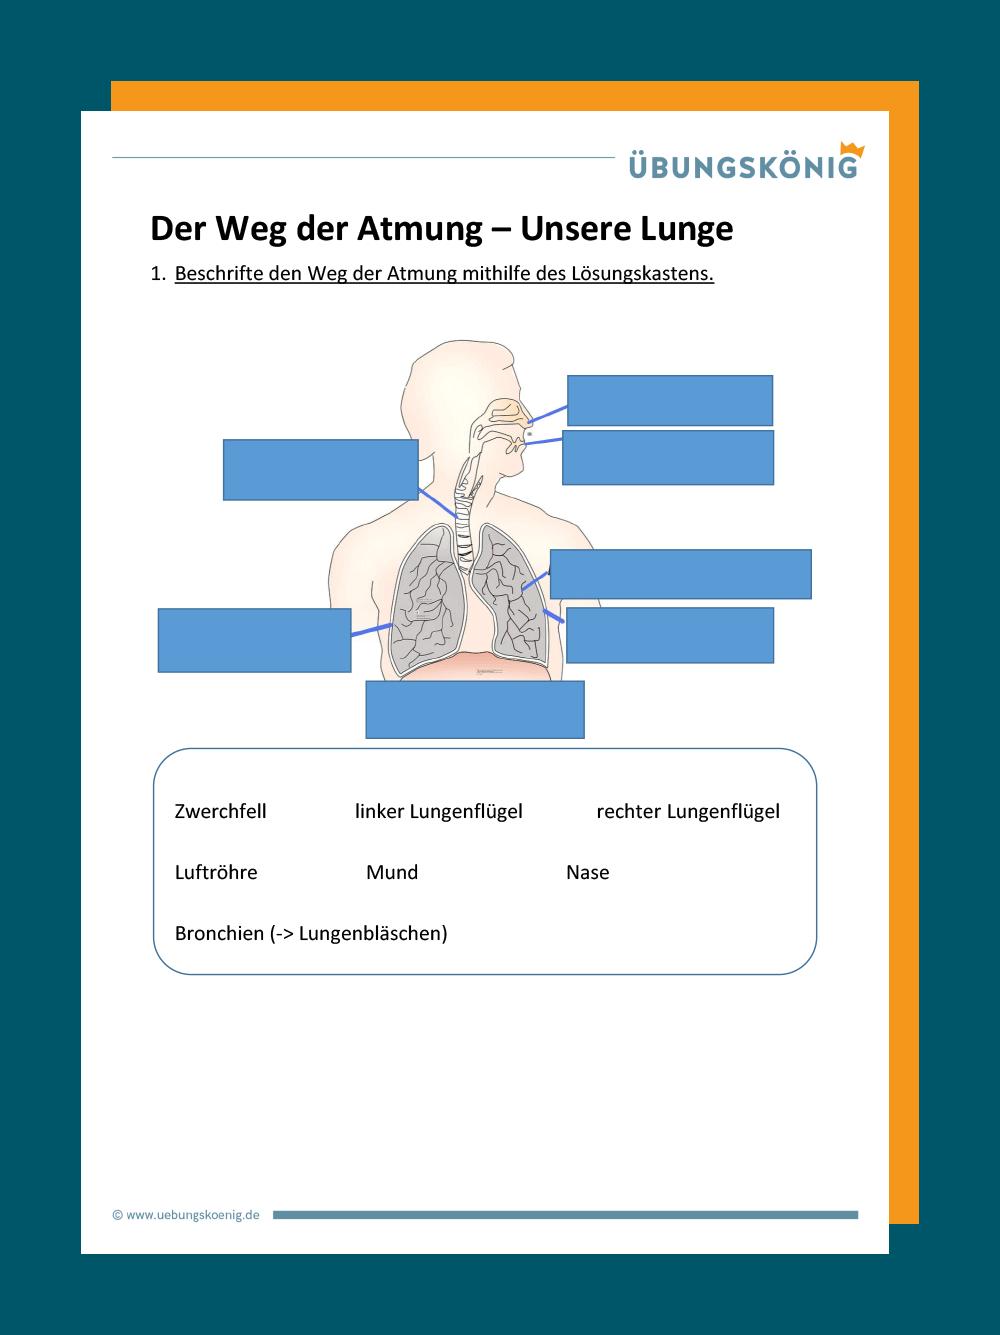 Lunge und Gasaustausch